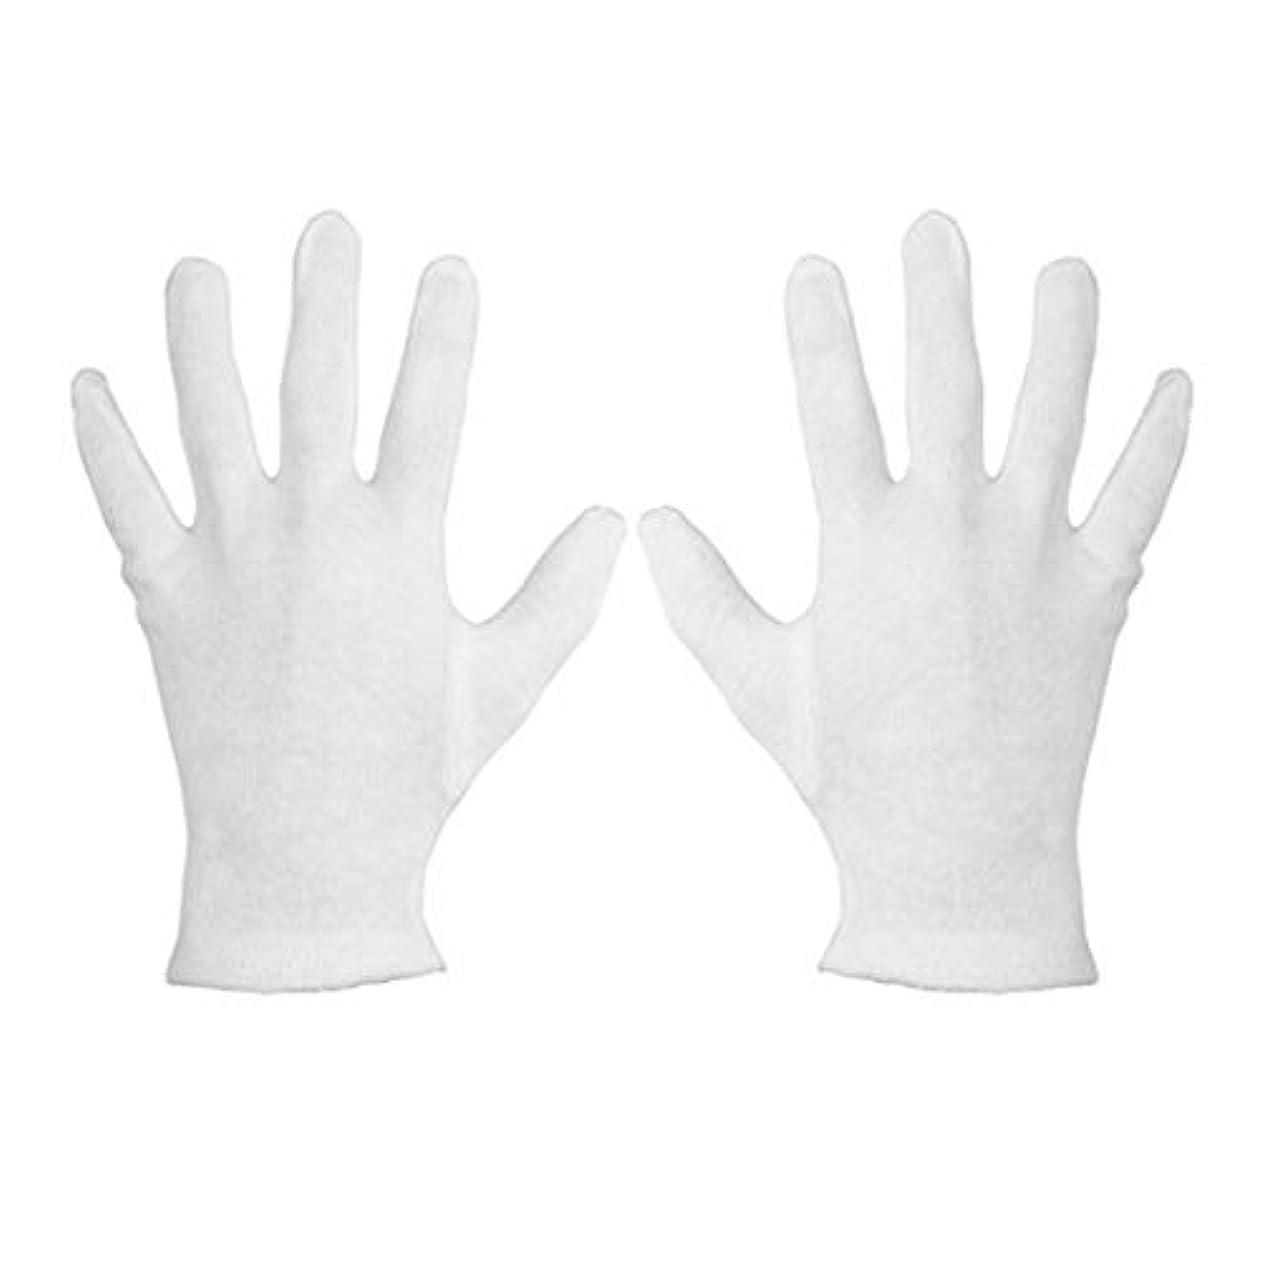 かろうじて種モンキーOU-Kunmlef 乾いた手治癒と美しさ- Wii(None S White S code(12 pairs of dozens))